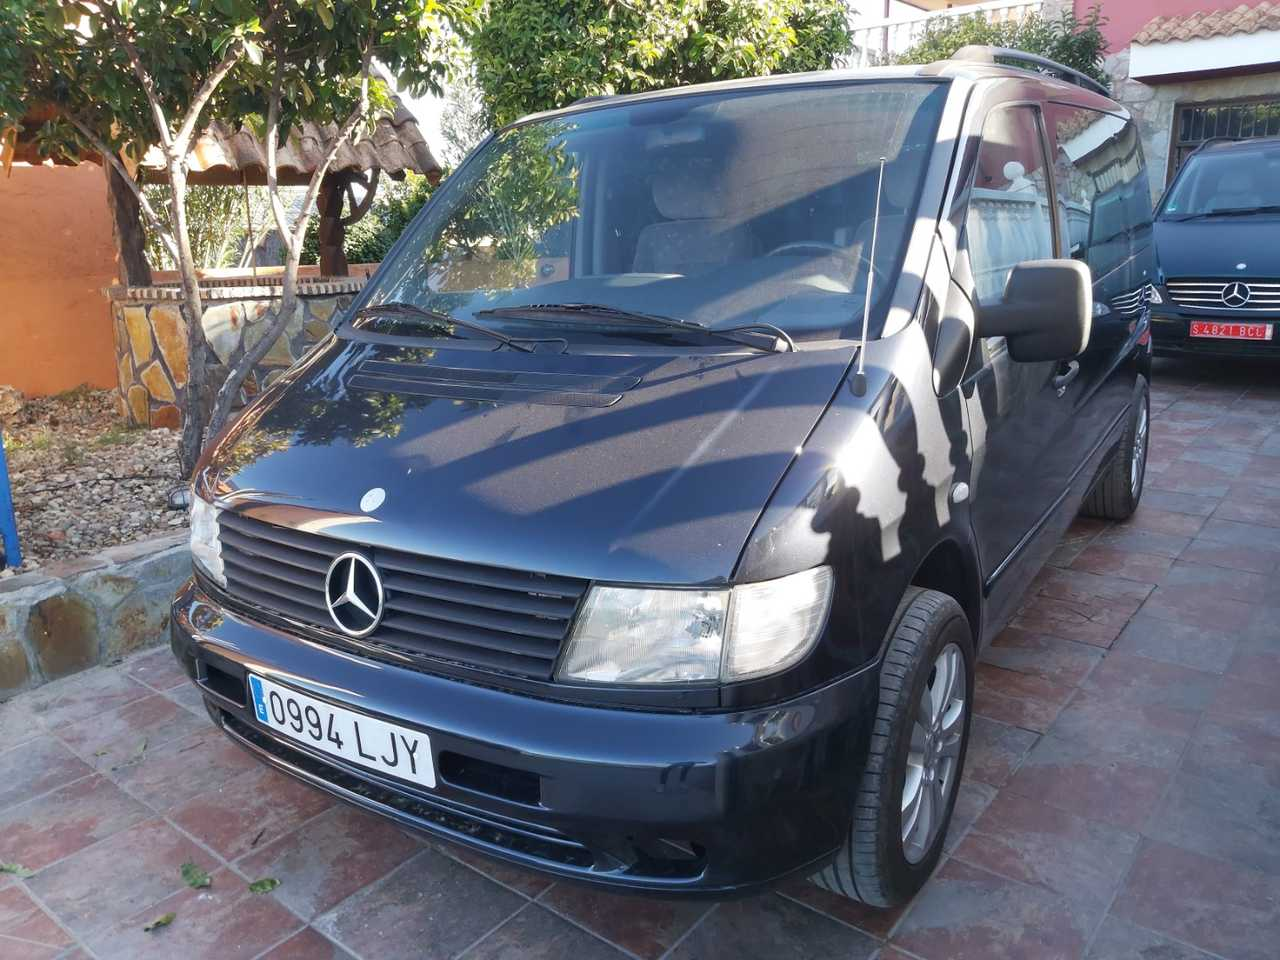 Mercedes Viano Fun Westfalia Larga 2.2 CDI 150  - Foto 1